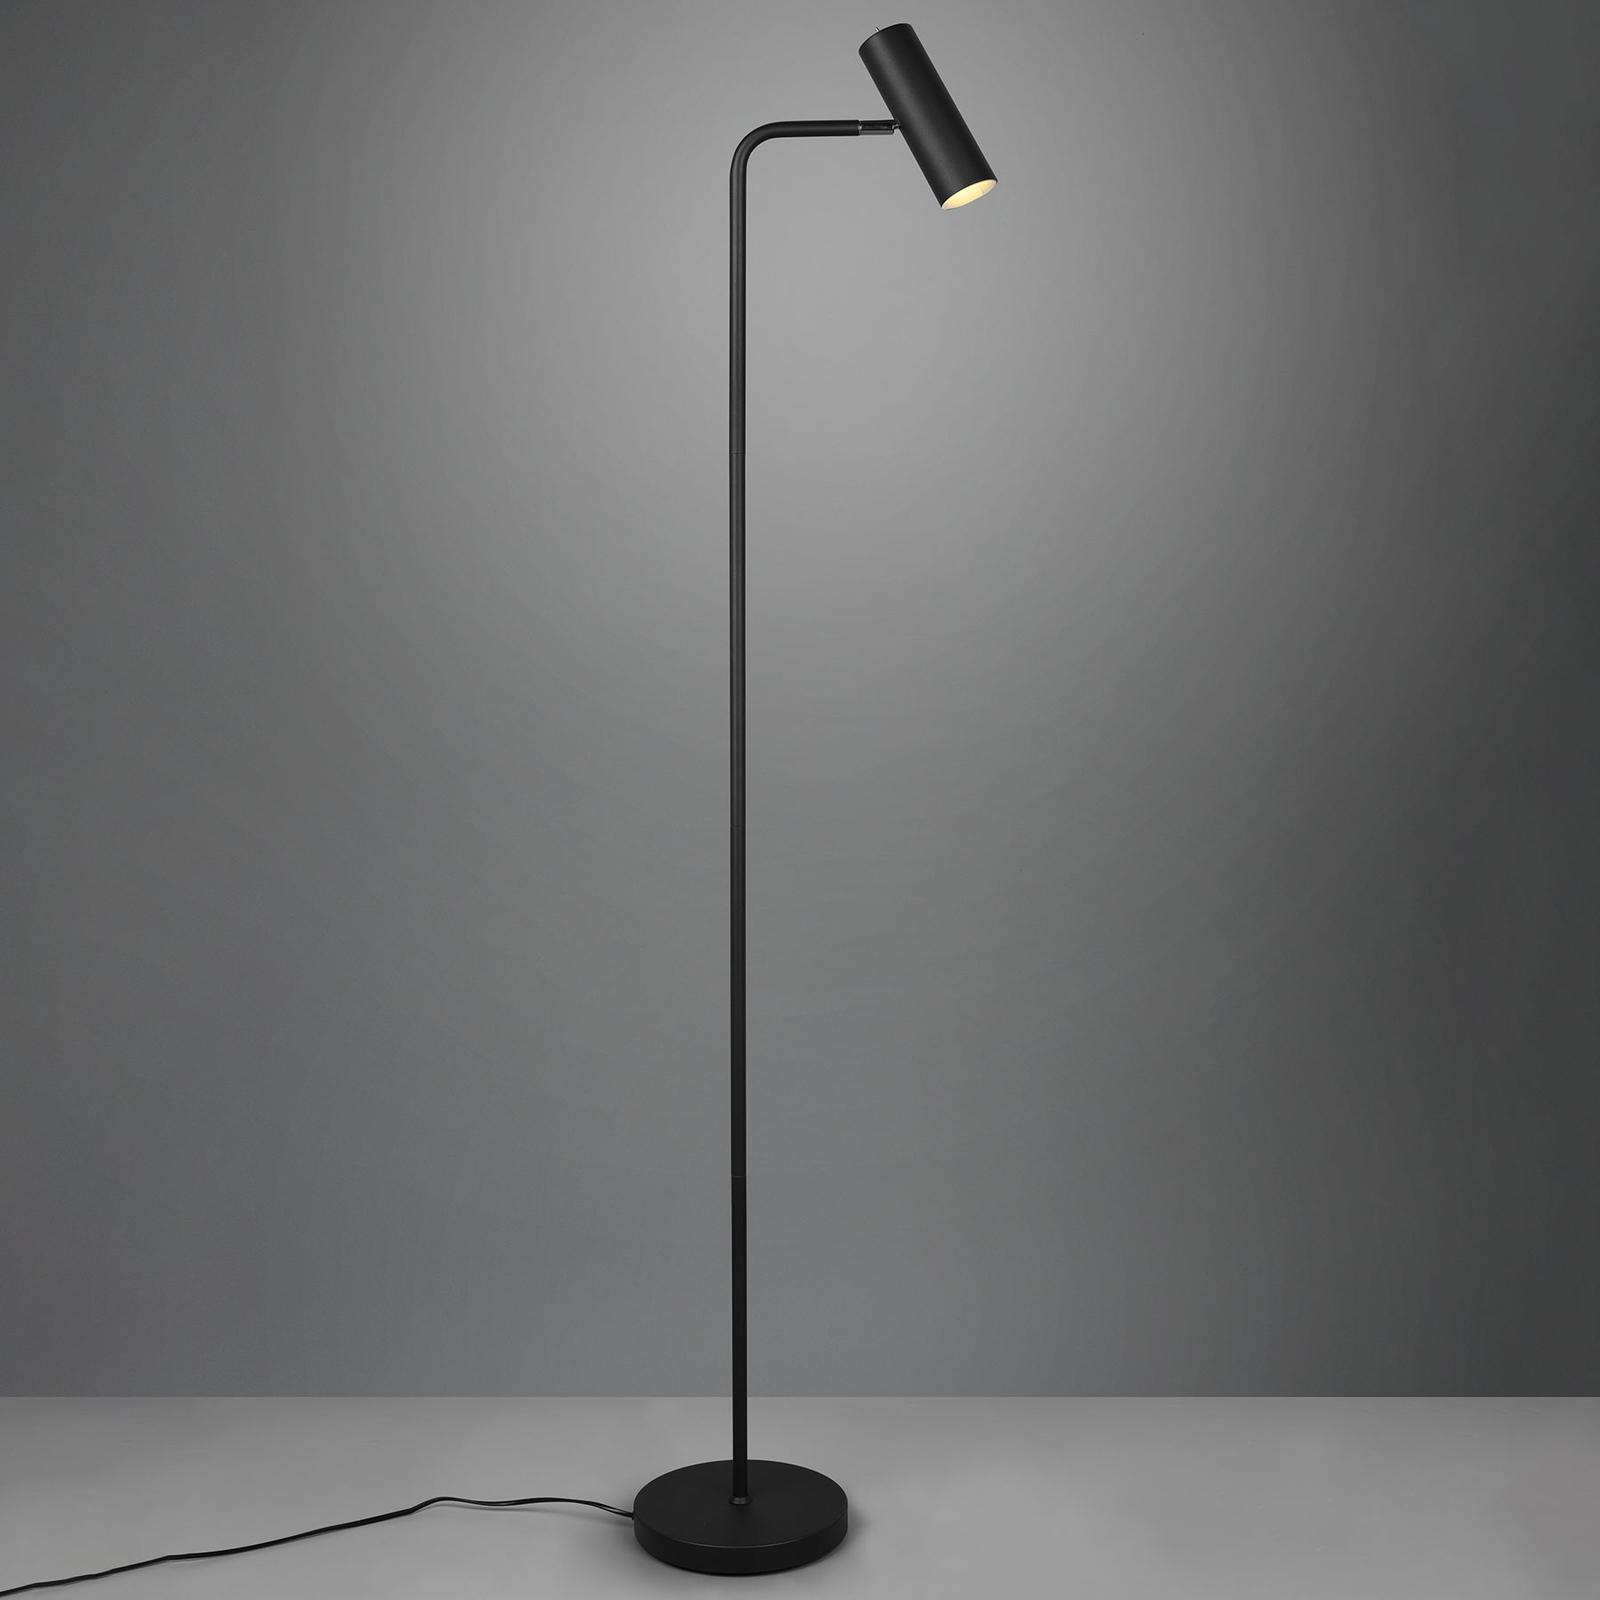 Stojací lampa Marley, černá matná